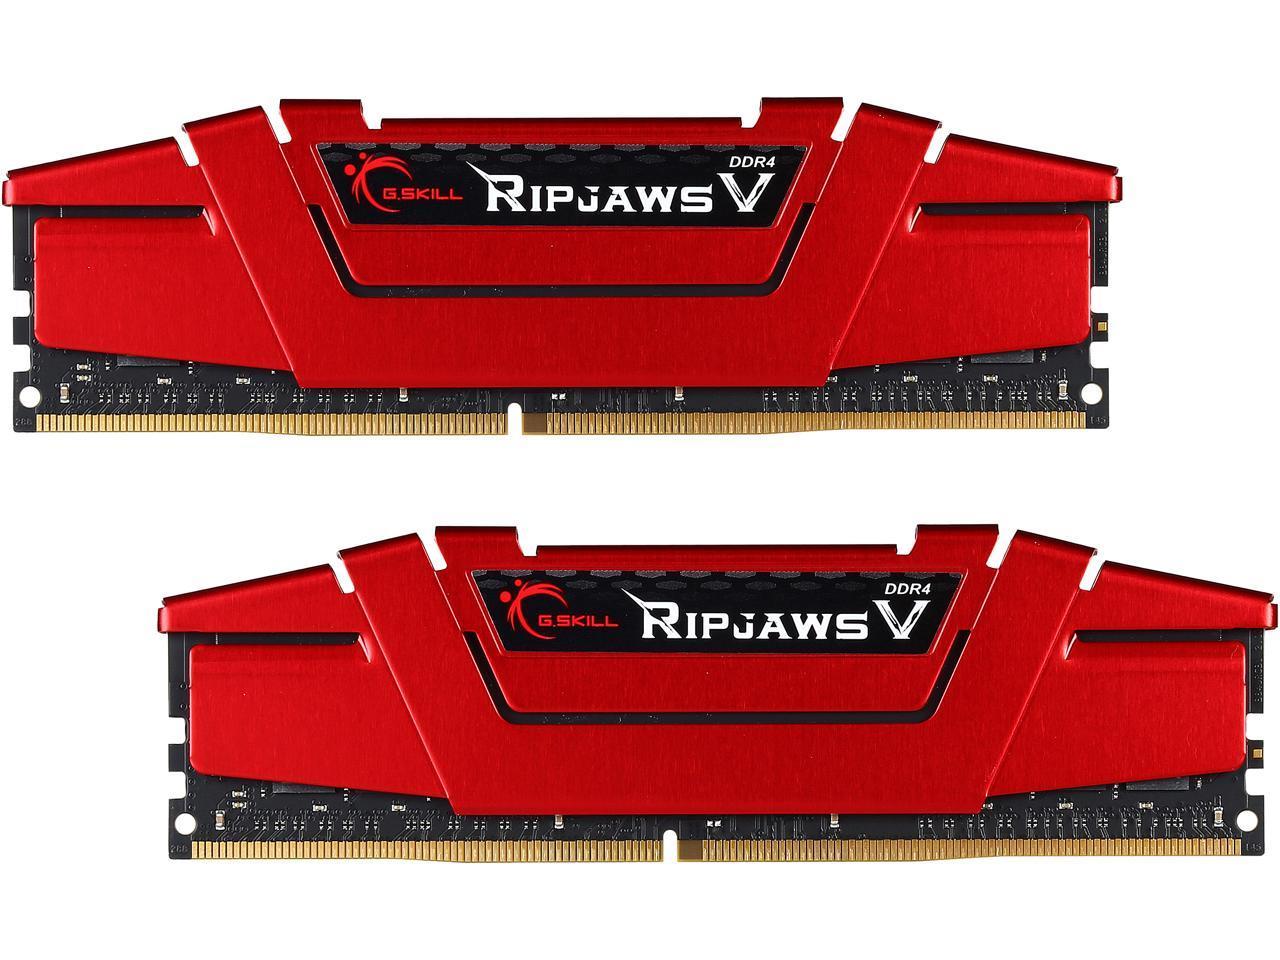 G.SKILL Ripjaws V Series 16GB (2 x 8GB) DDR4 SDRAM 3200 - $59.99 + FS